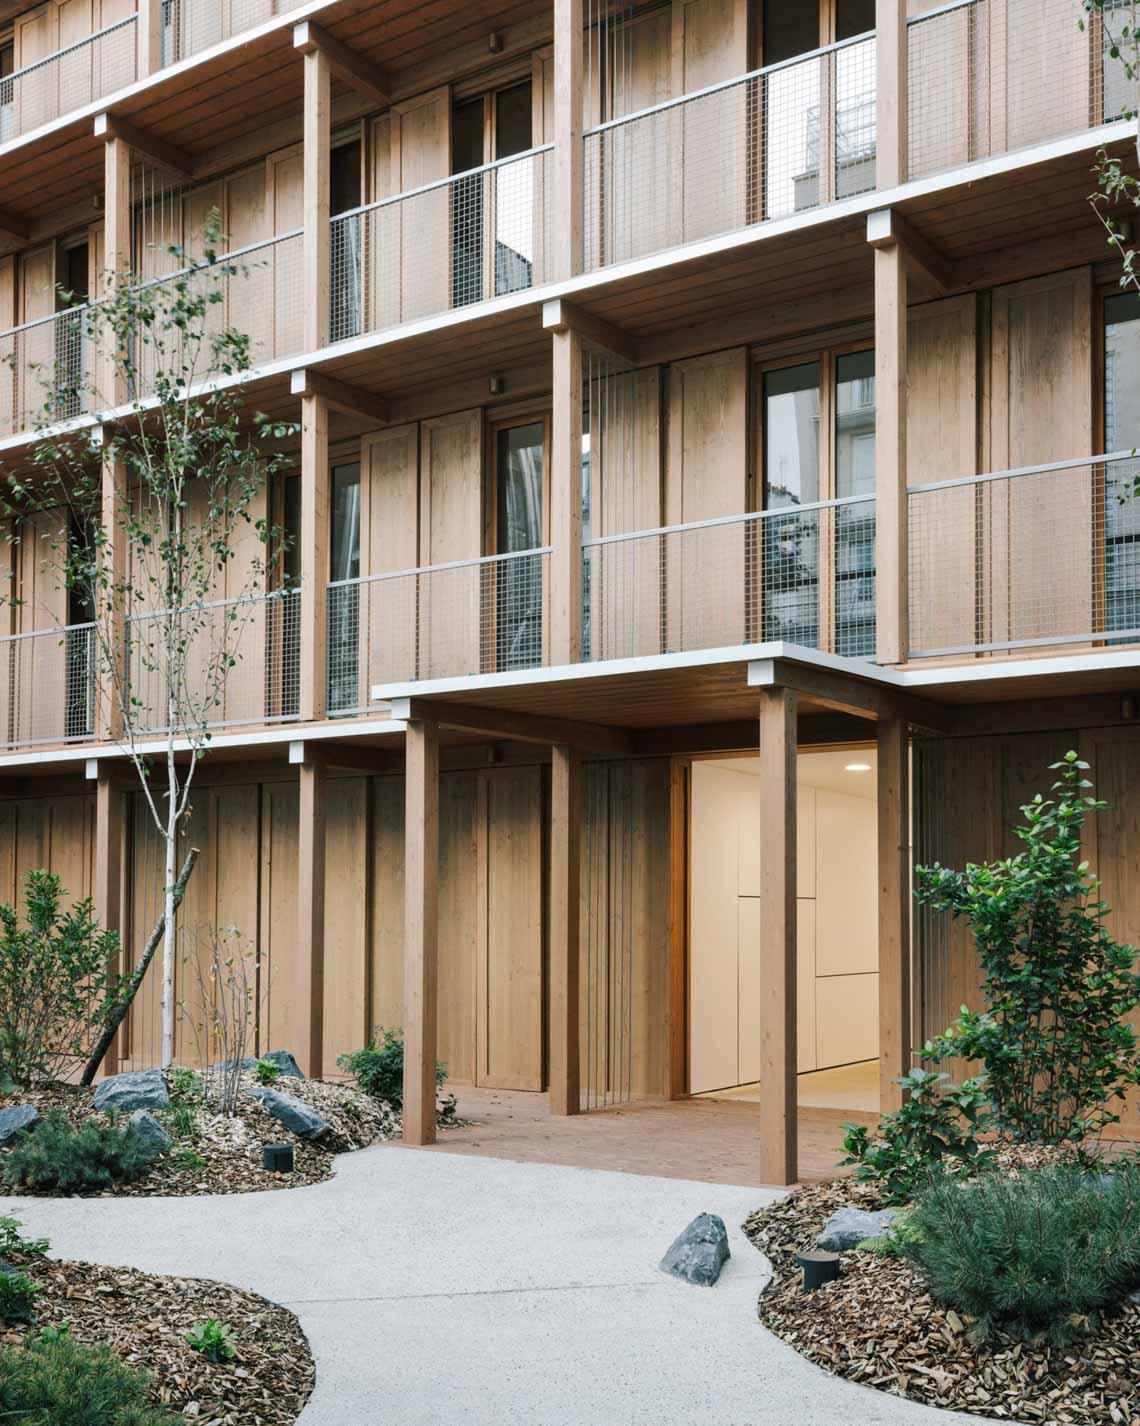 Tòa nhà căn hộ bằng gỗ với thiết kế mang phong cách Nhật Bản - 4